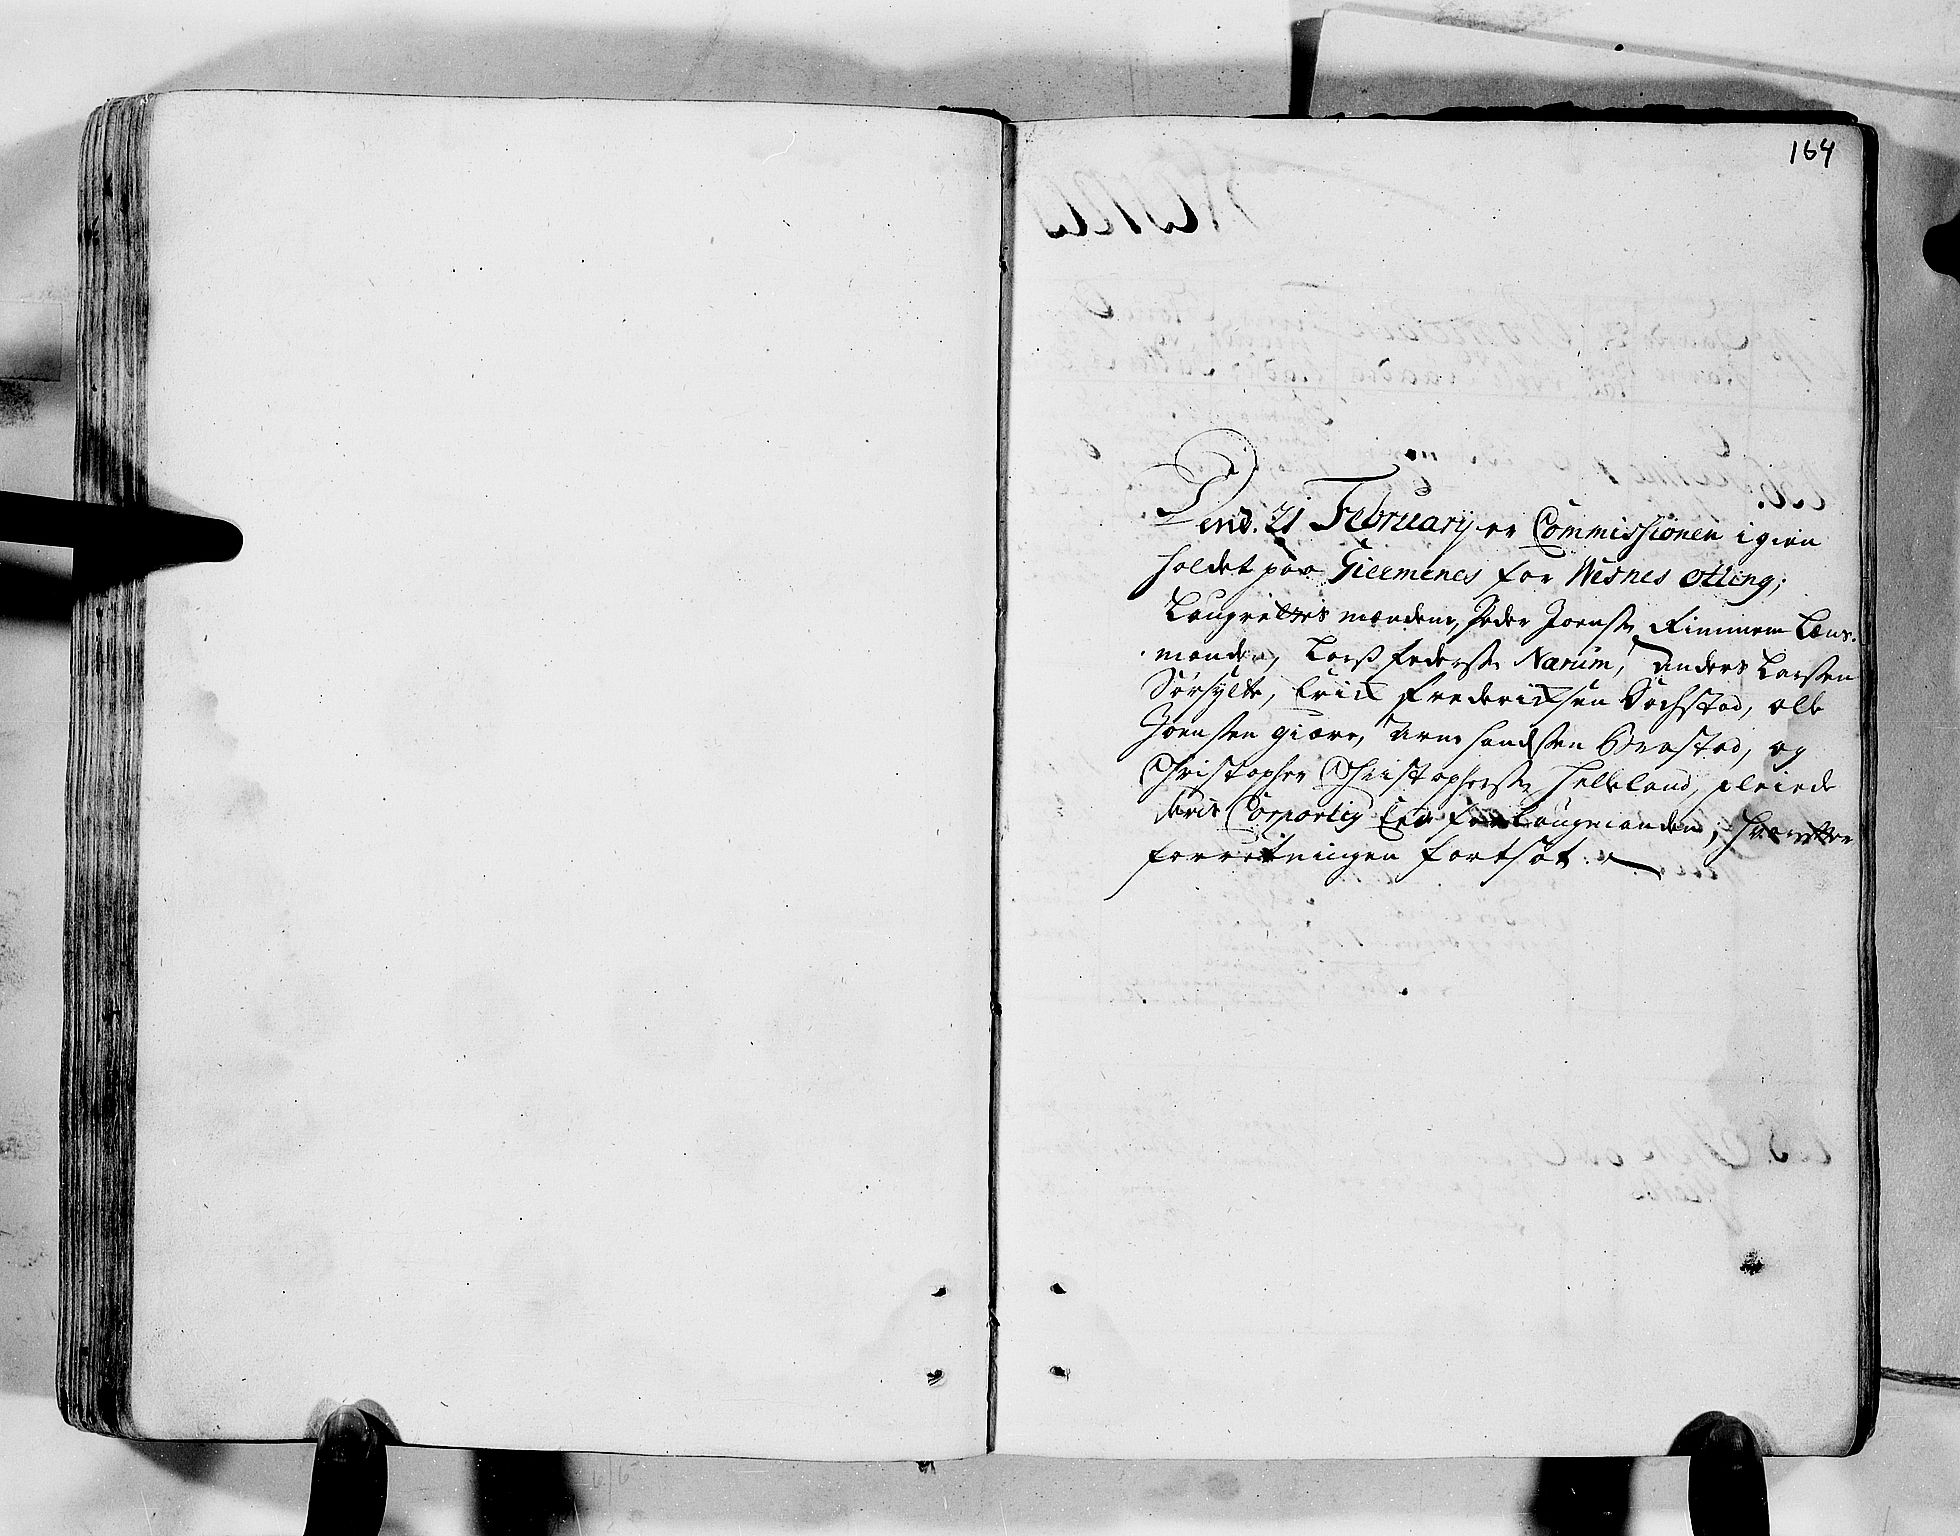 RA, Rentekammeret inntil 1814, Realistisk ordnet avdeling, N/Nb/Nbf/L0152: Romsdal eksaminasjonsprotokoll, 1724, s. 163b-164a